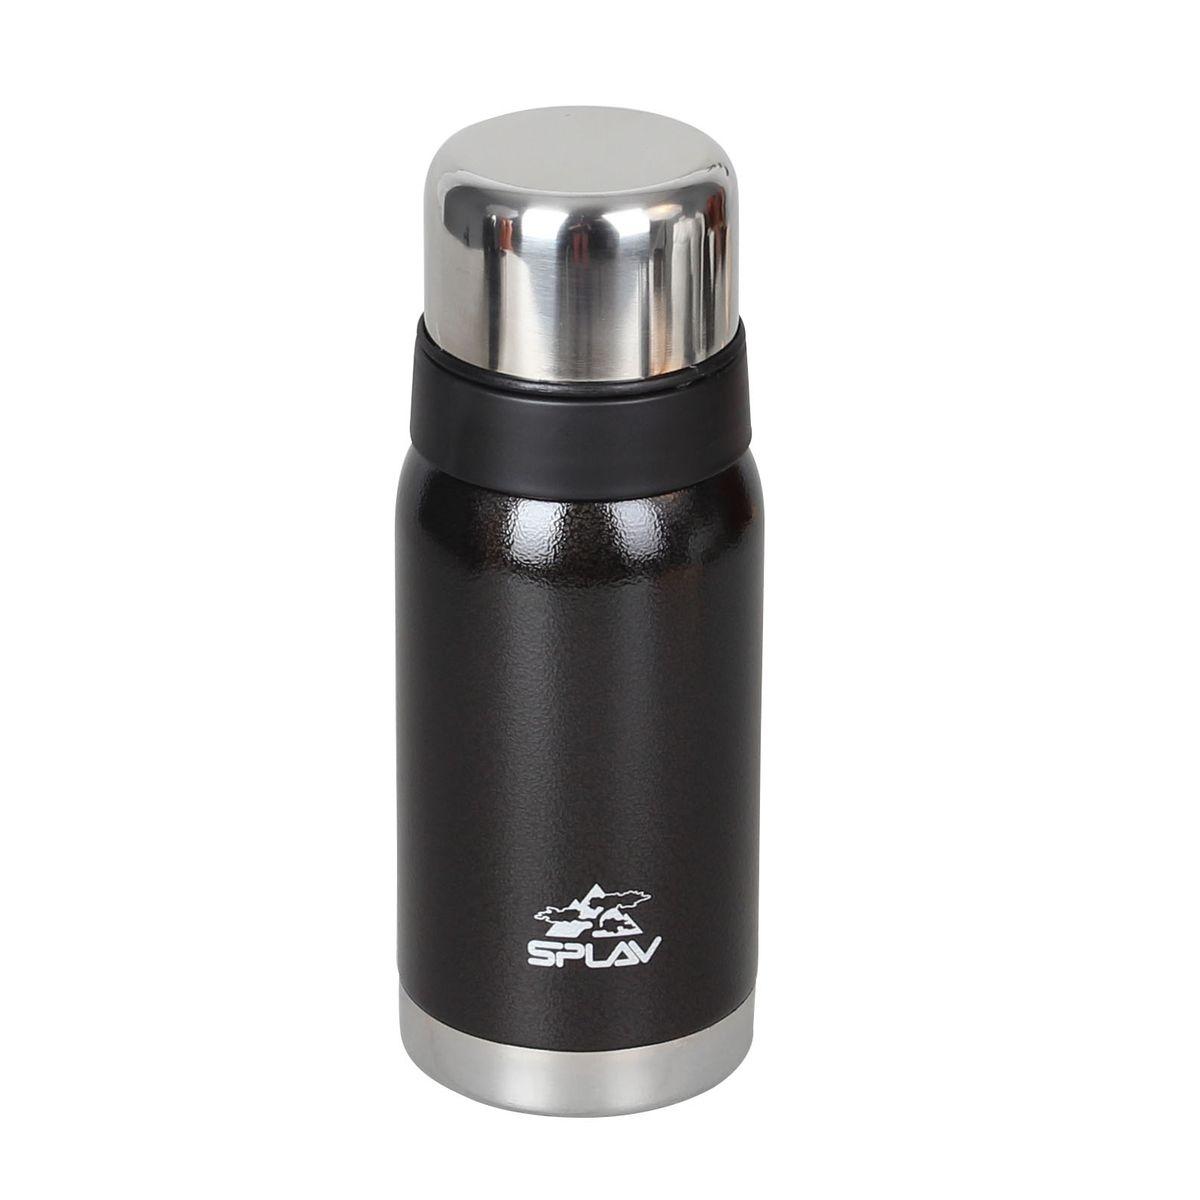 Небьющийся термос для напитков.С двойными стенками и вакуумной изоляцией.Резьбовая крышка-клапан со специальным желобом, позволяет выливать содержимое, не отвинчивая крышку полностью.Поверх основной крышки накручивается крышка-чашка, что позволяет использовать её, не открывая термос.Лёгкий и удобный в переноске. Специальная нержавеющая сталь типа 304 18/8.Вес: 352 гРазмер: 8 х 21 см  Температурные параметры: начальная - 95 С, 6 часов - 75 С, 12 часов - 63 С, 24 часа - 47 С.